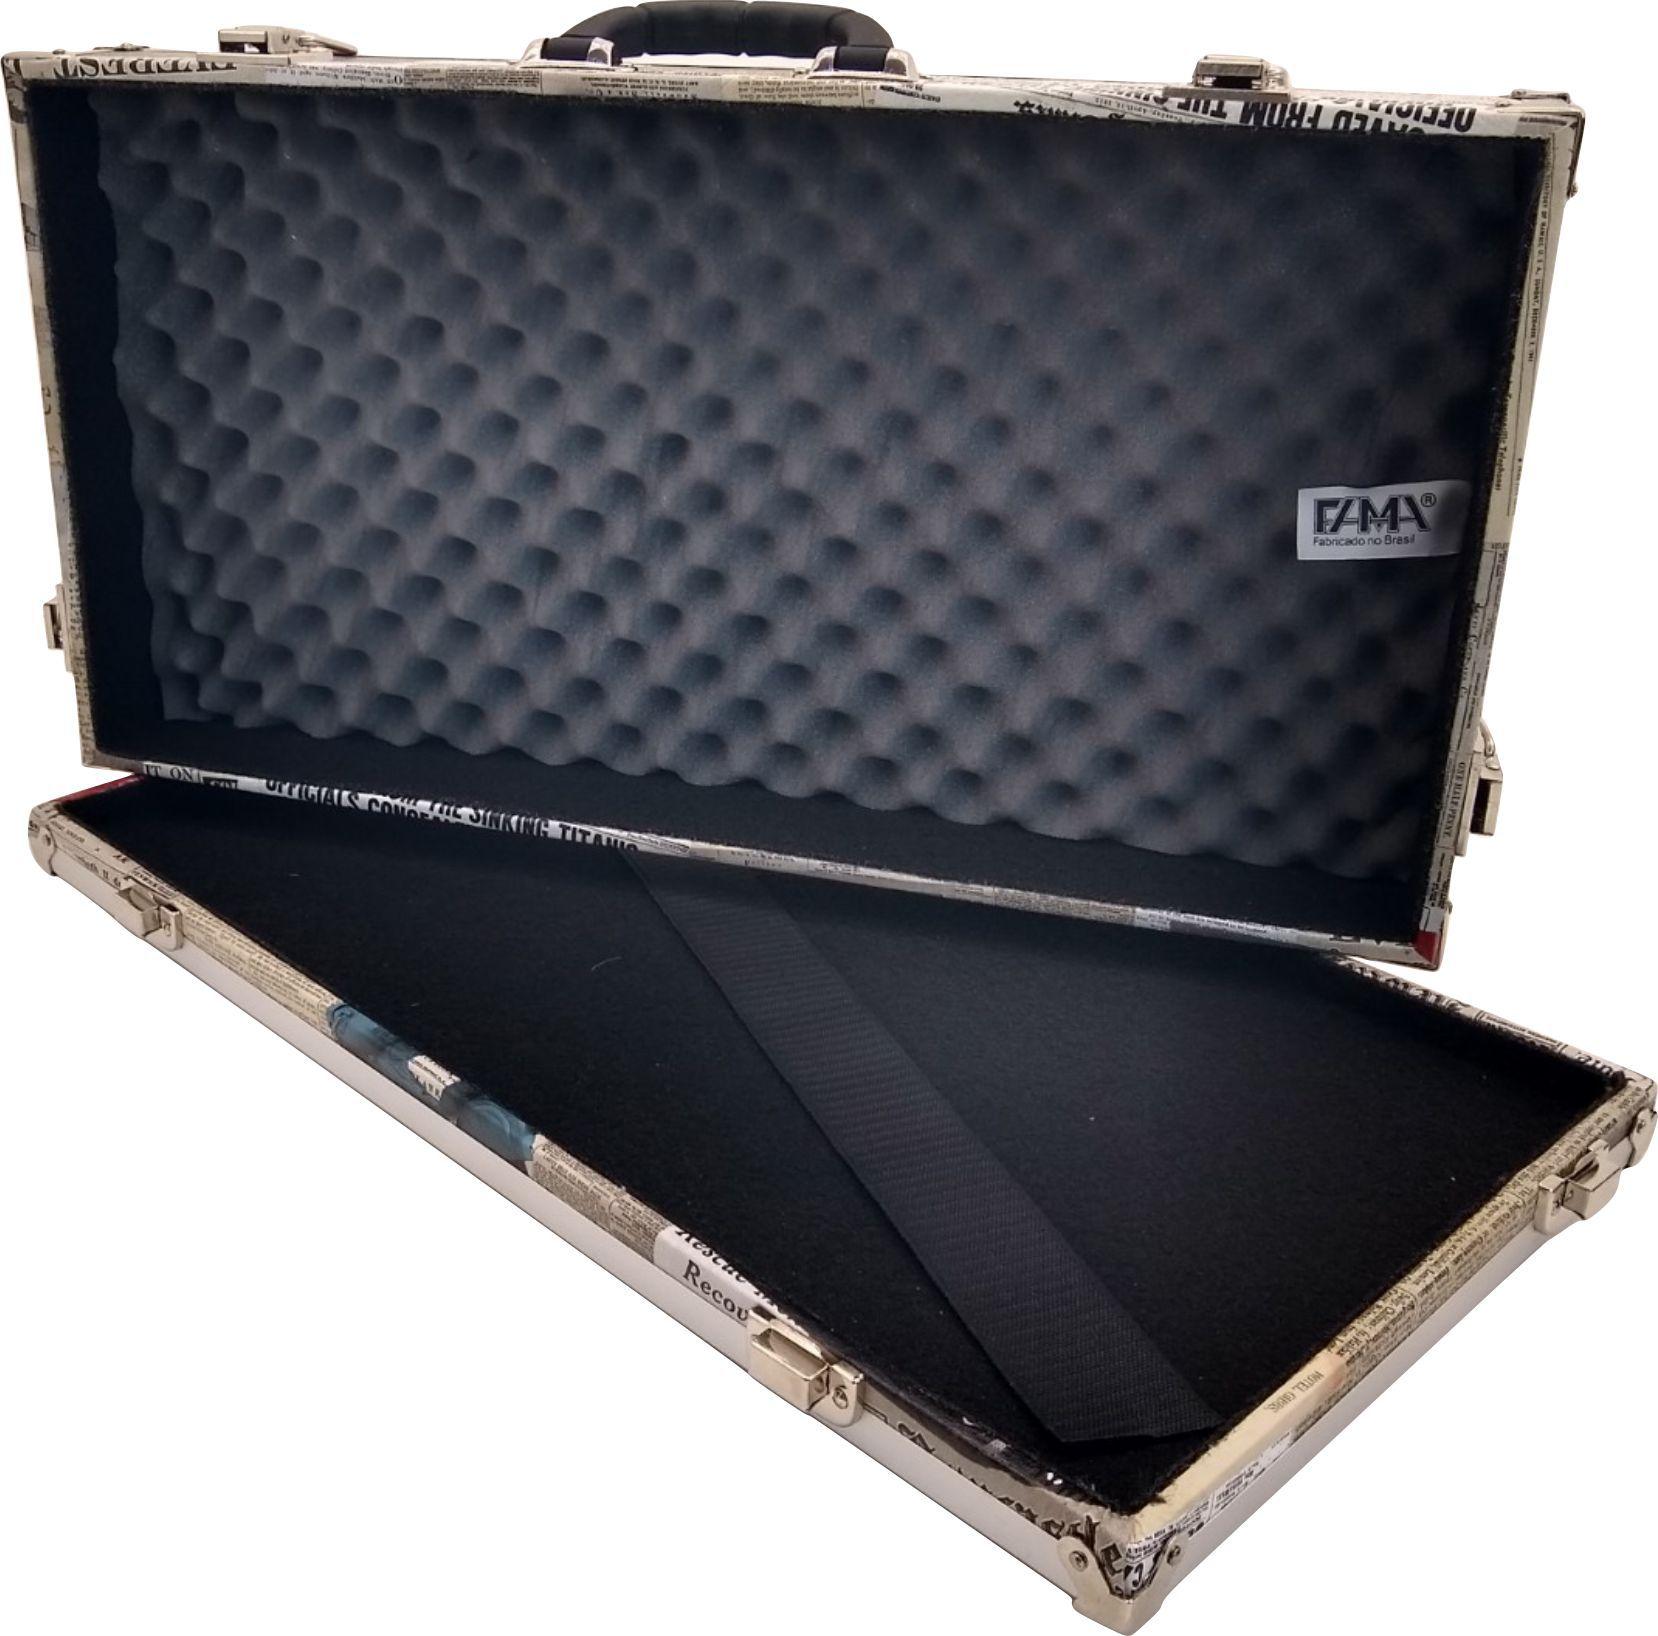 Case Pedais Pedaleira Boss Line6 Gt10 Zoom London